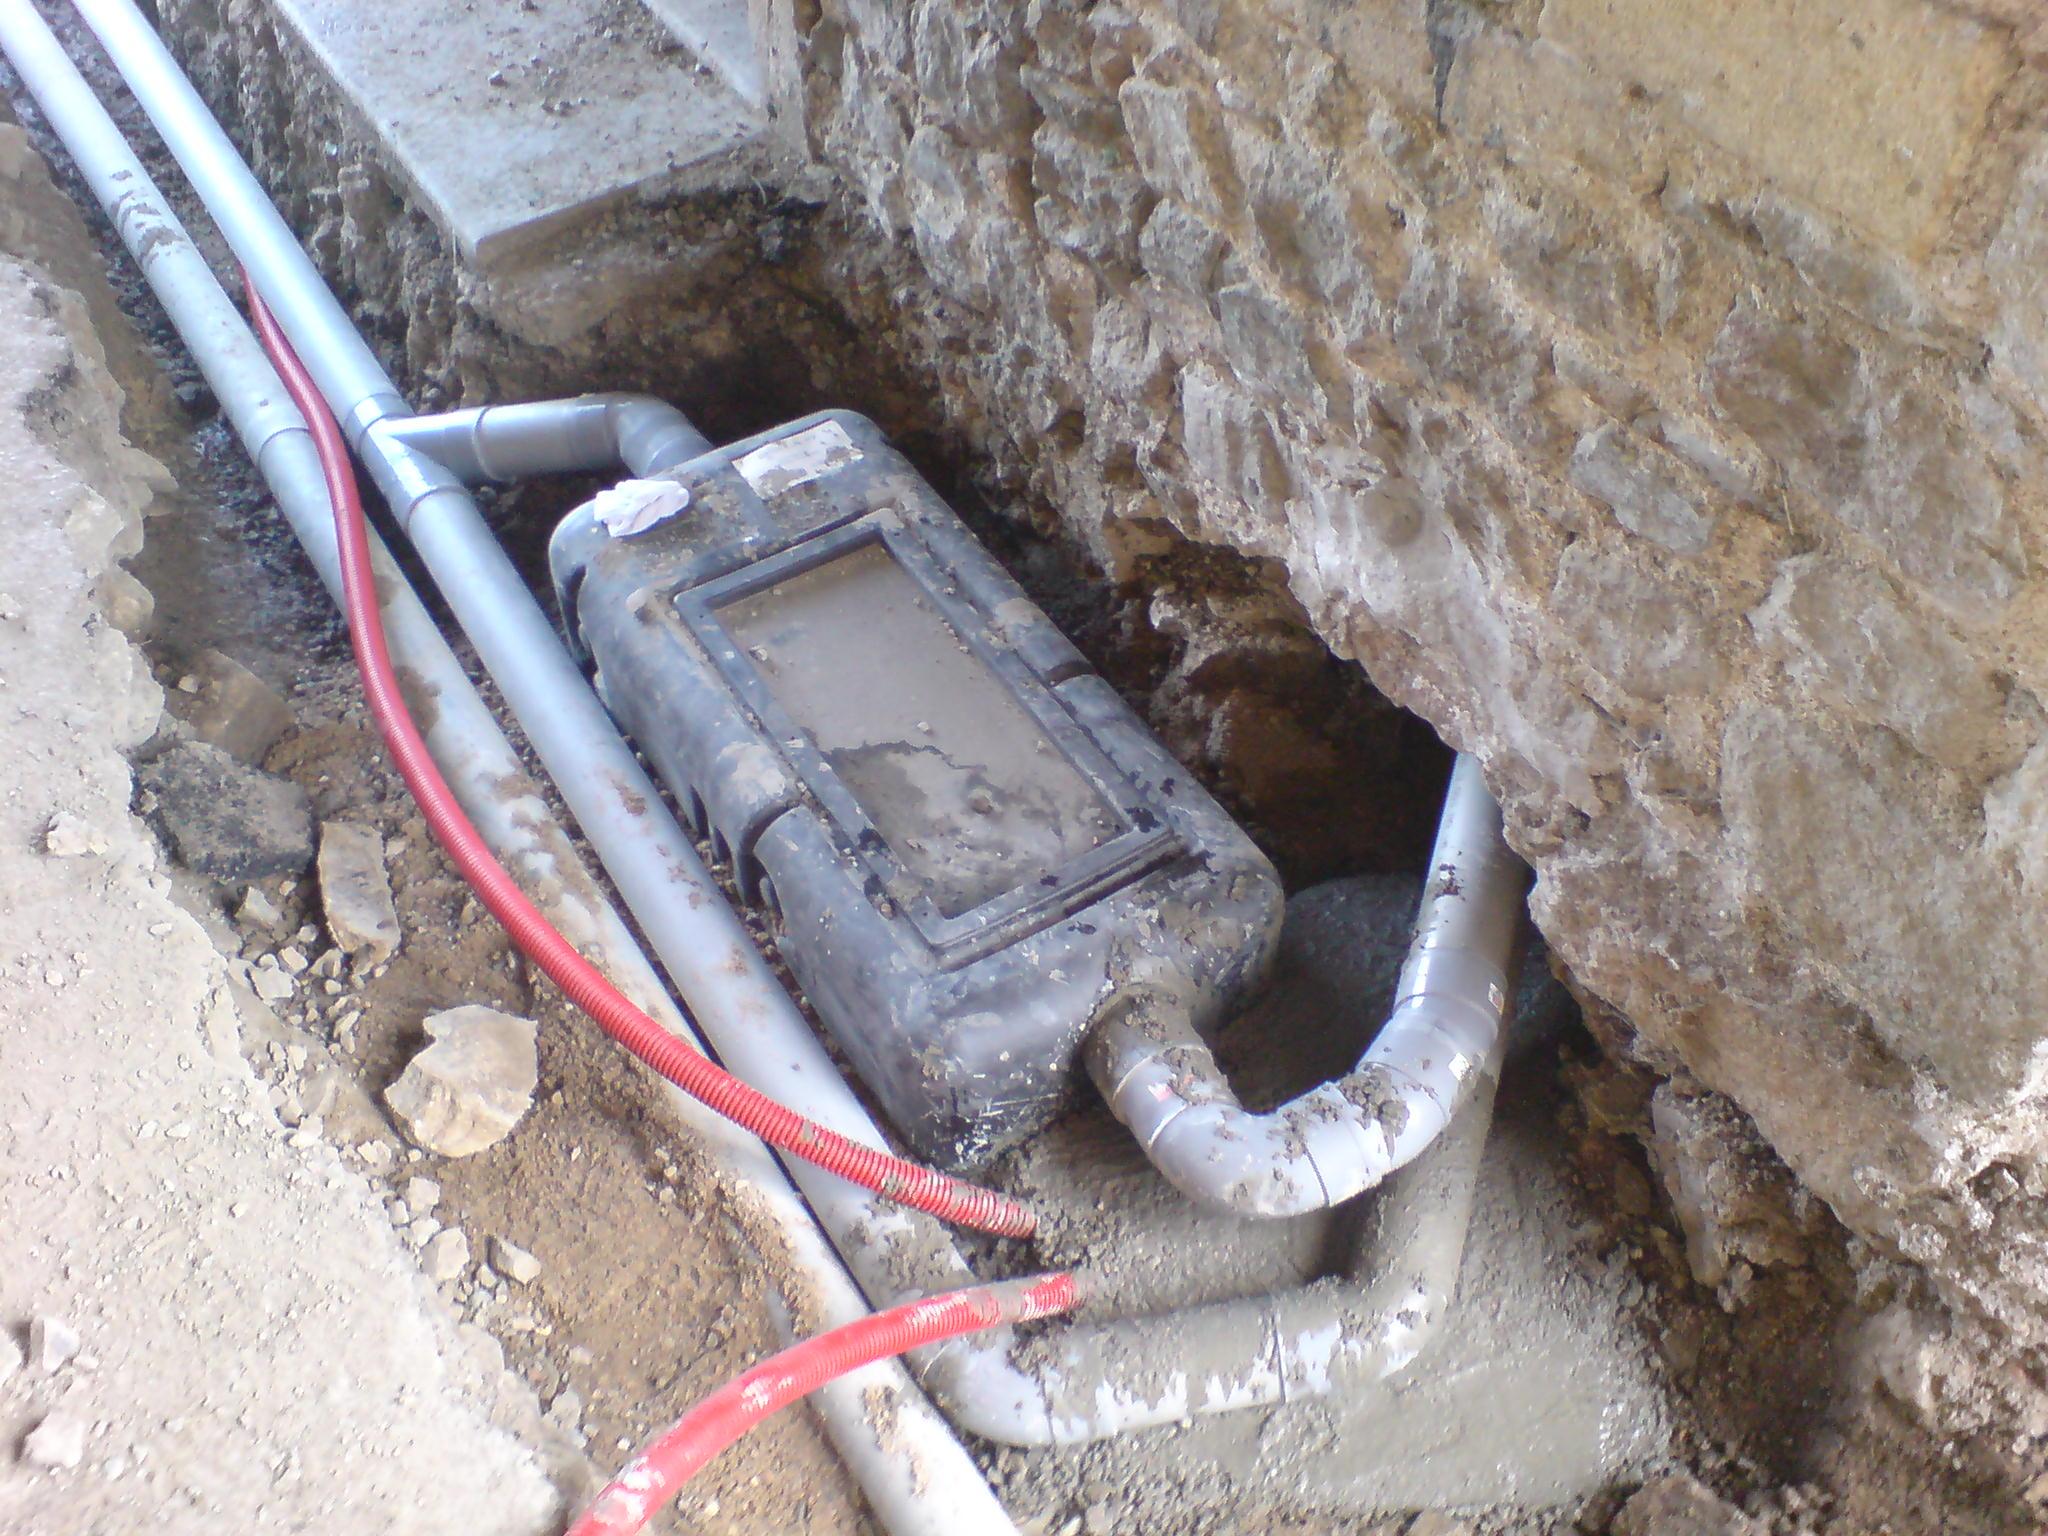 Le r seau d vacuation le chantier la ferme - Produits a ne pas mettre dans une fosse septique ...